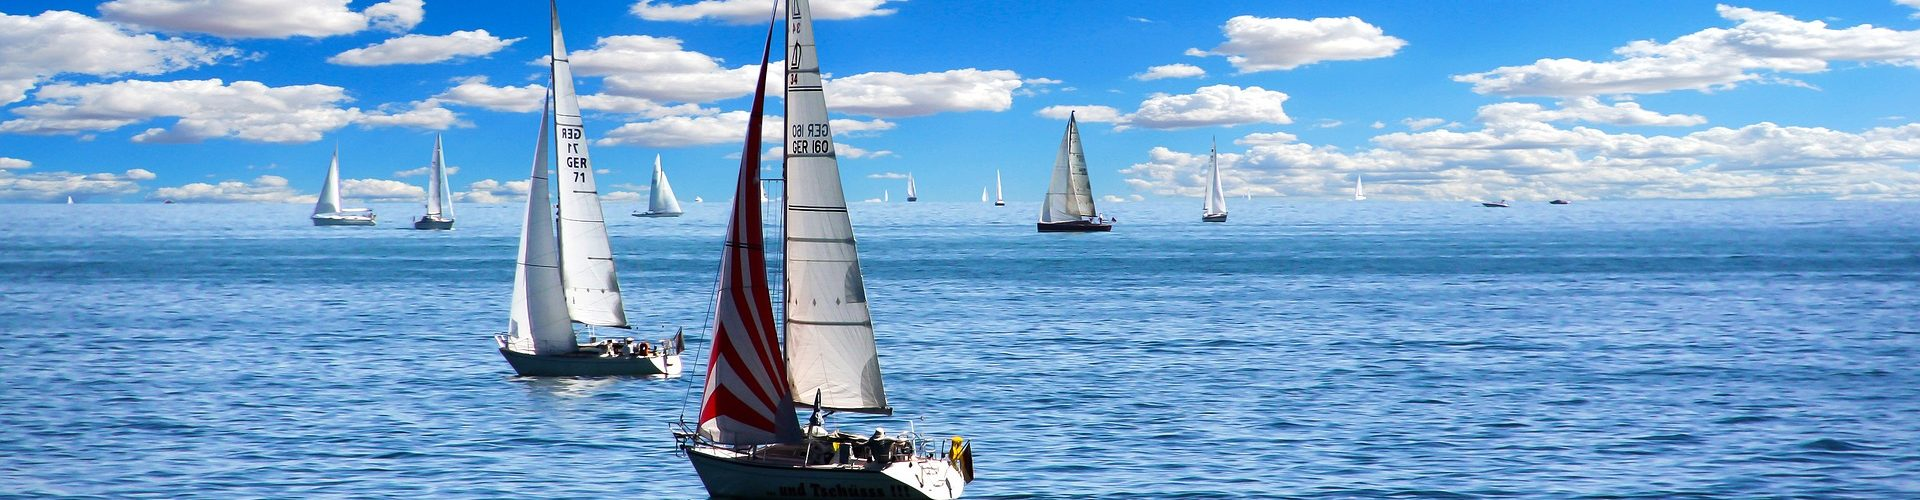 segeln lernen in Schorndorf segelschein machen in Schorndorf 1920x500 - Segeln lernen in Schorndorf